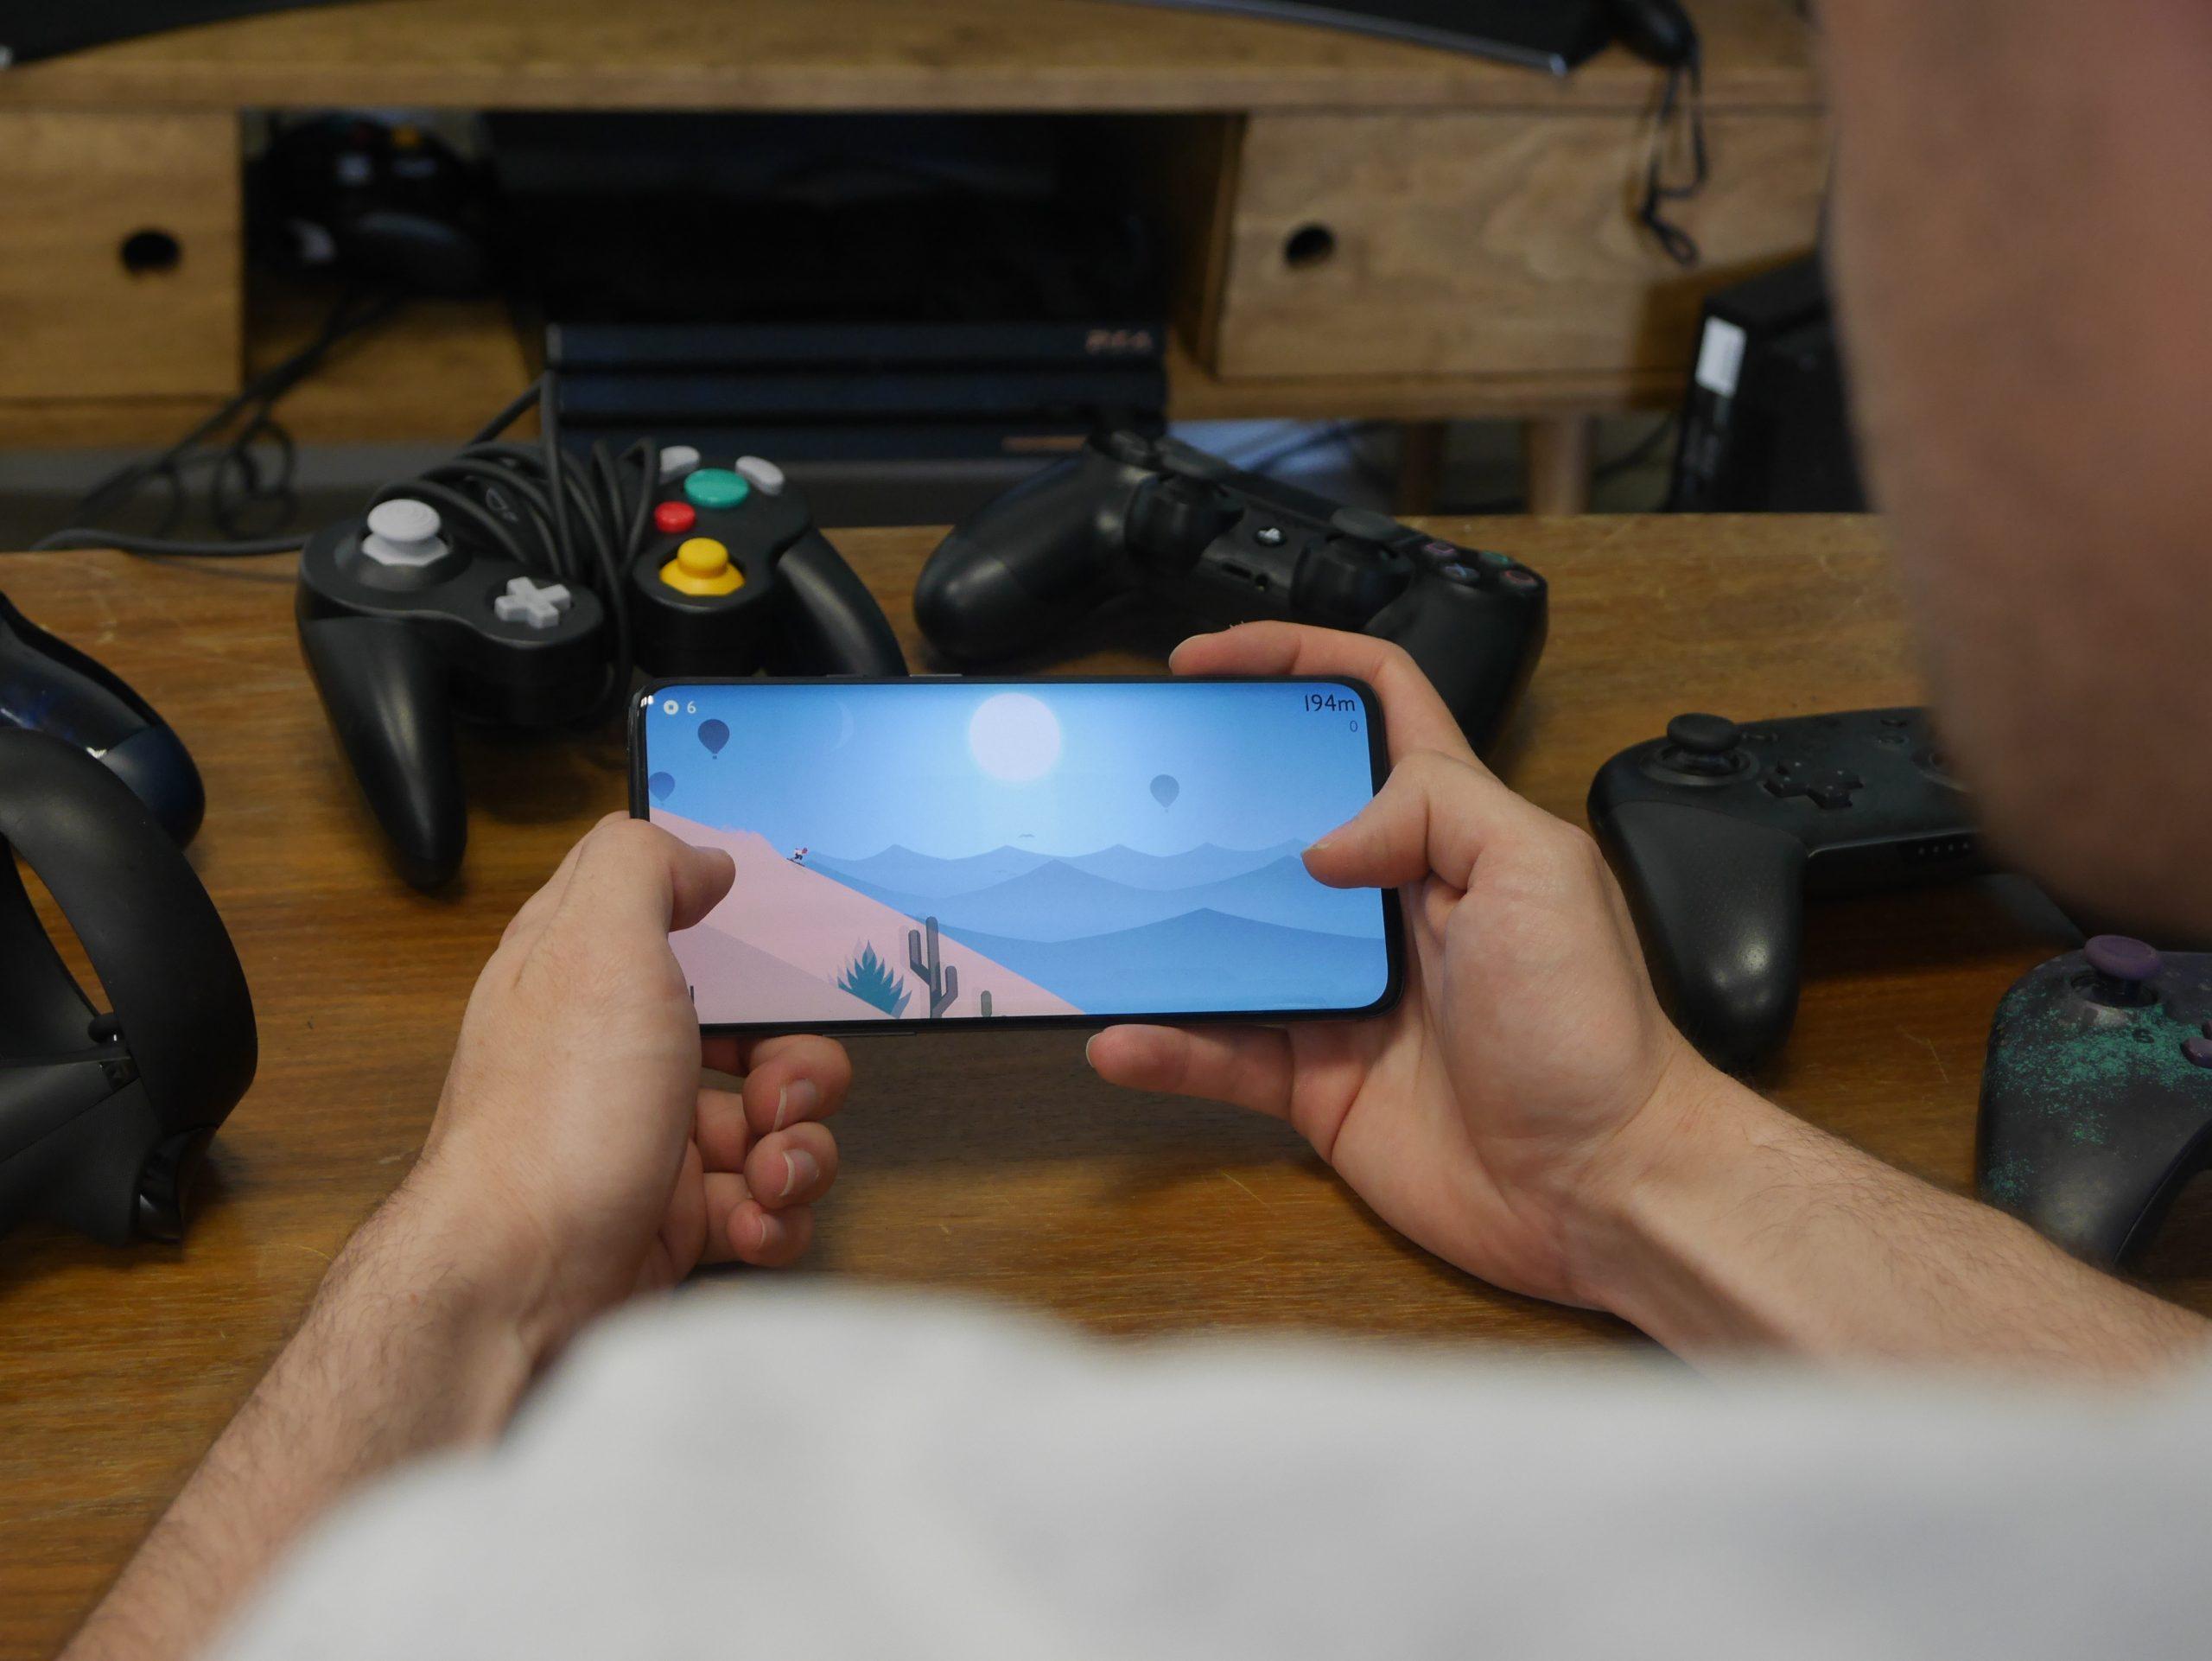 Les Meilleurs Jeux Gratuits Sur Android En 2020 dedans Jeu De Casse Brique Gratuit